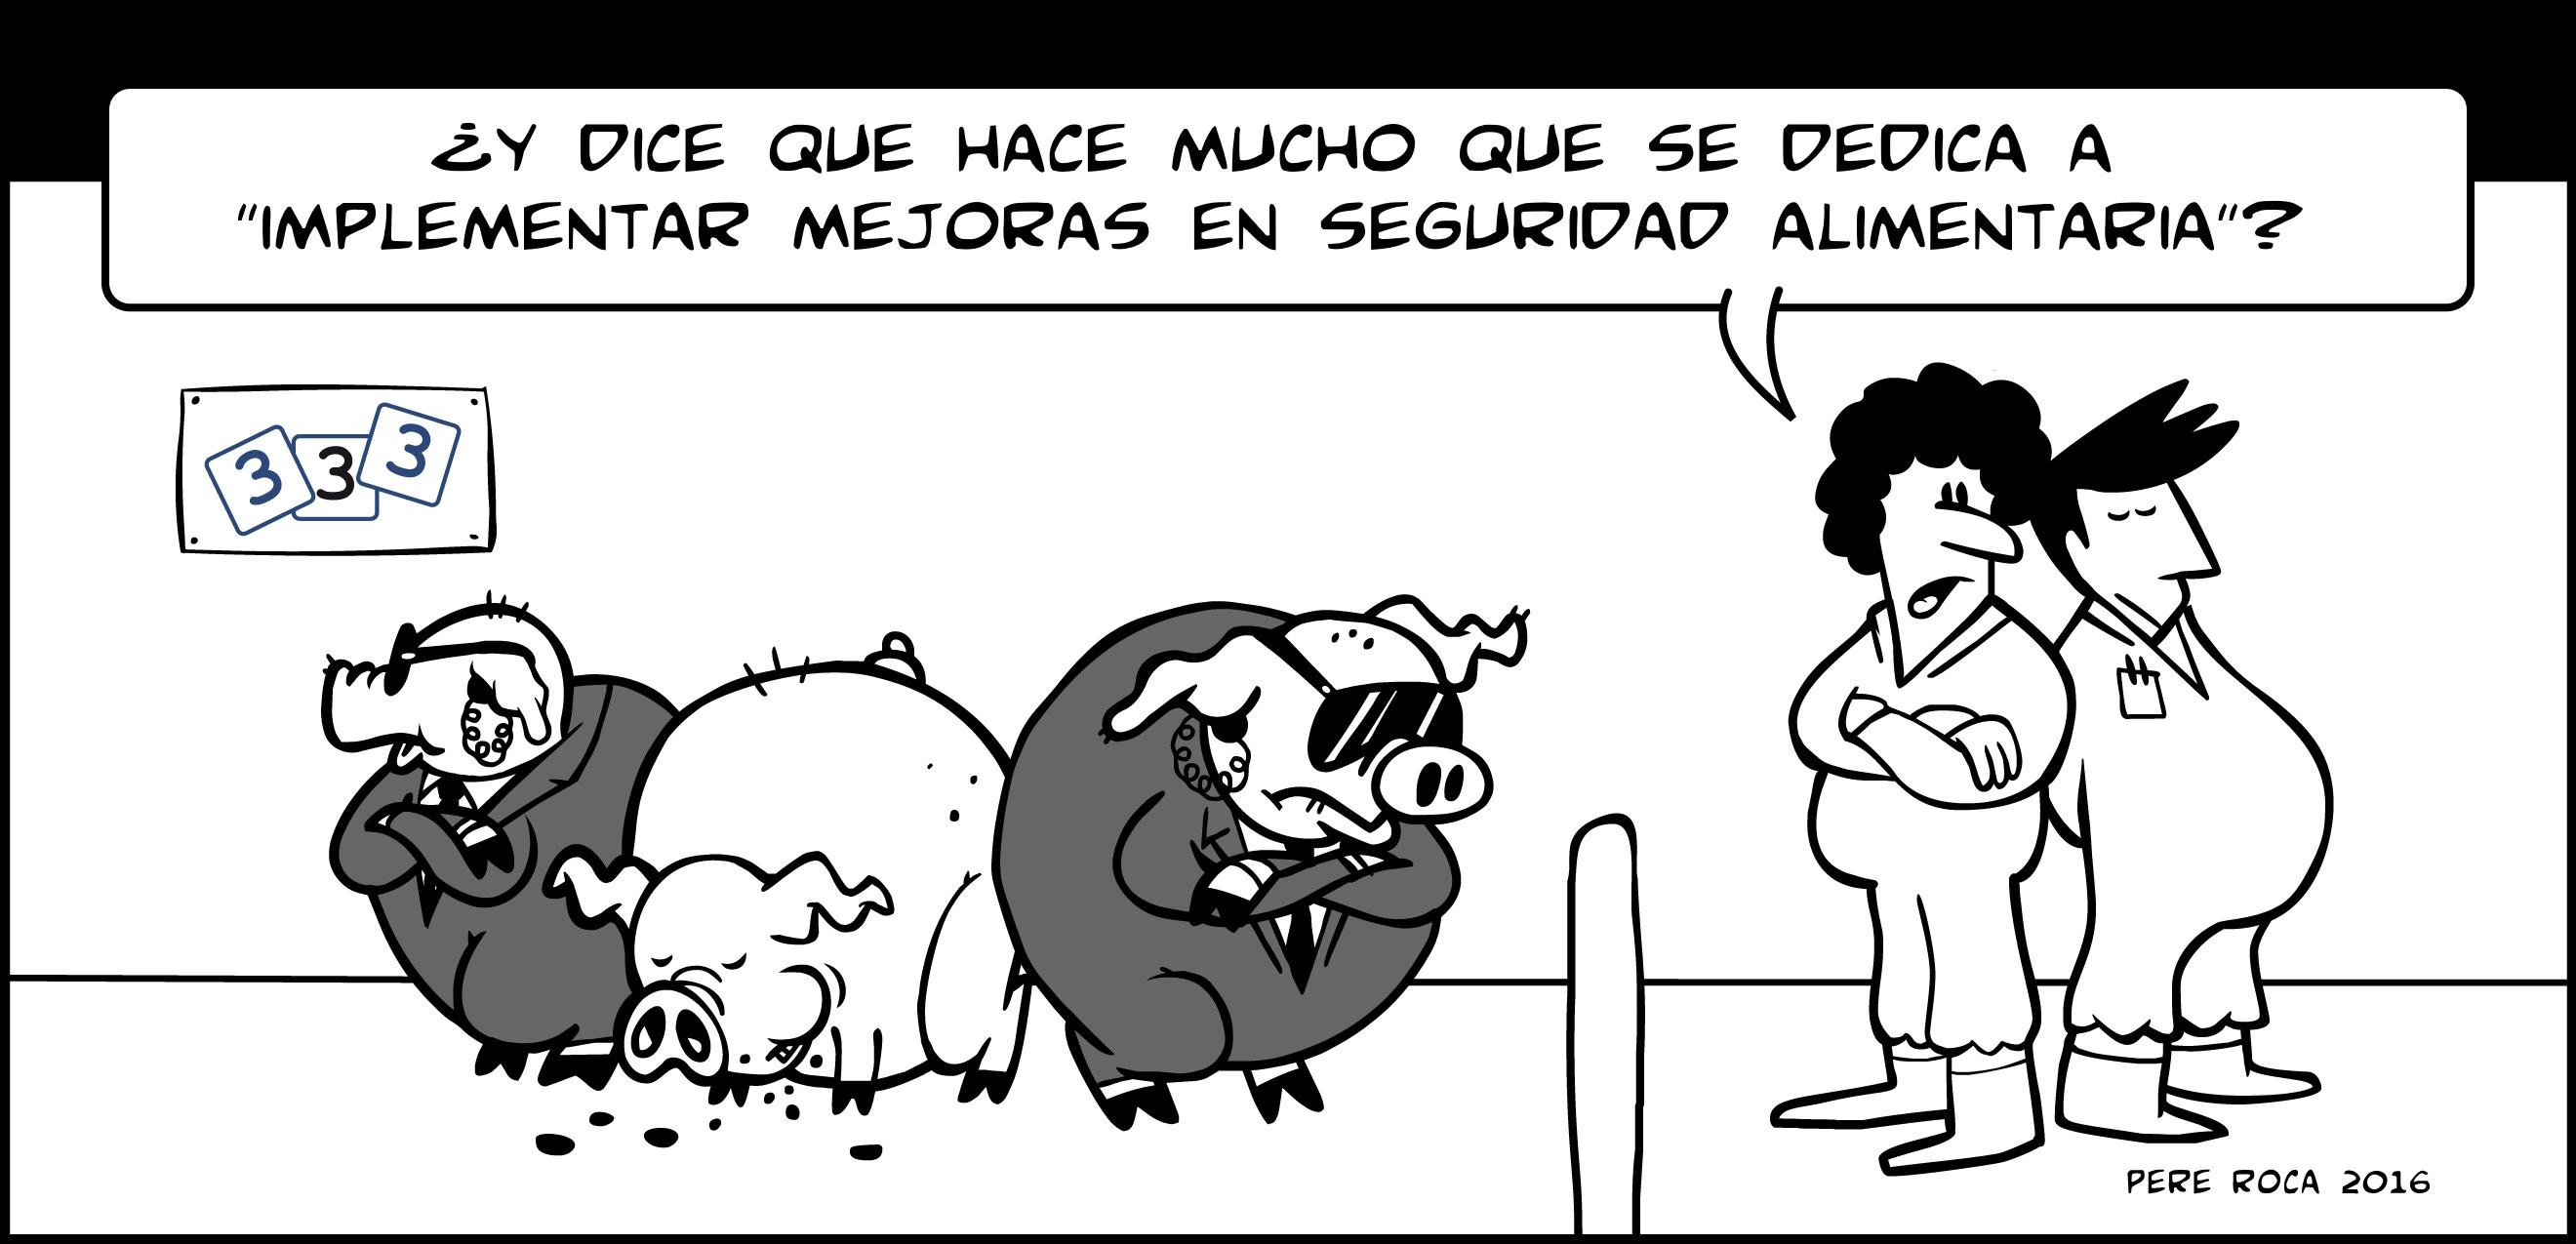 Seguridad alimentaria en porcino